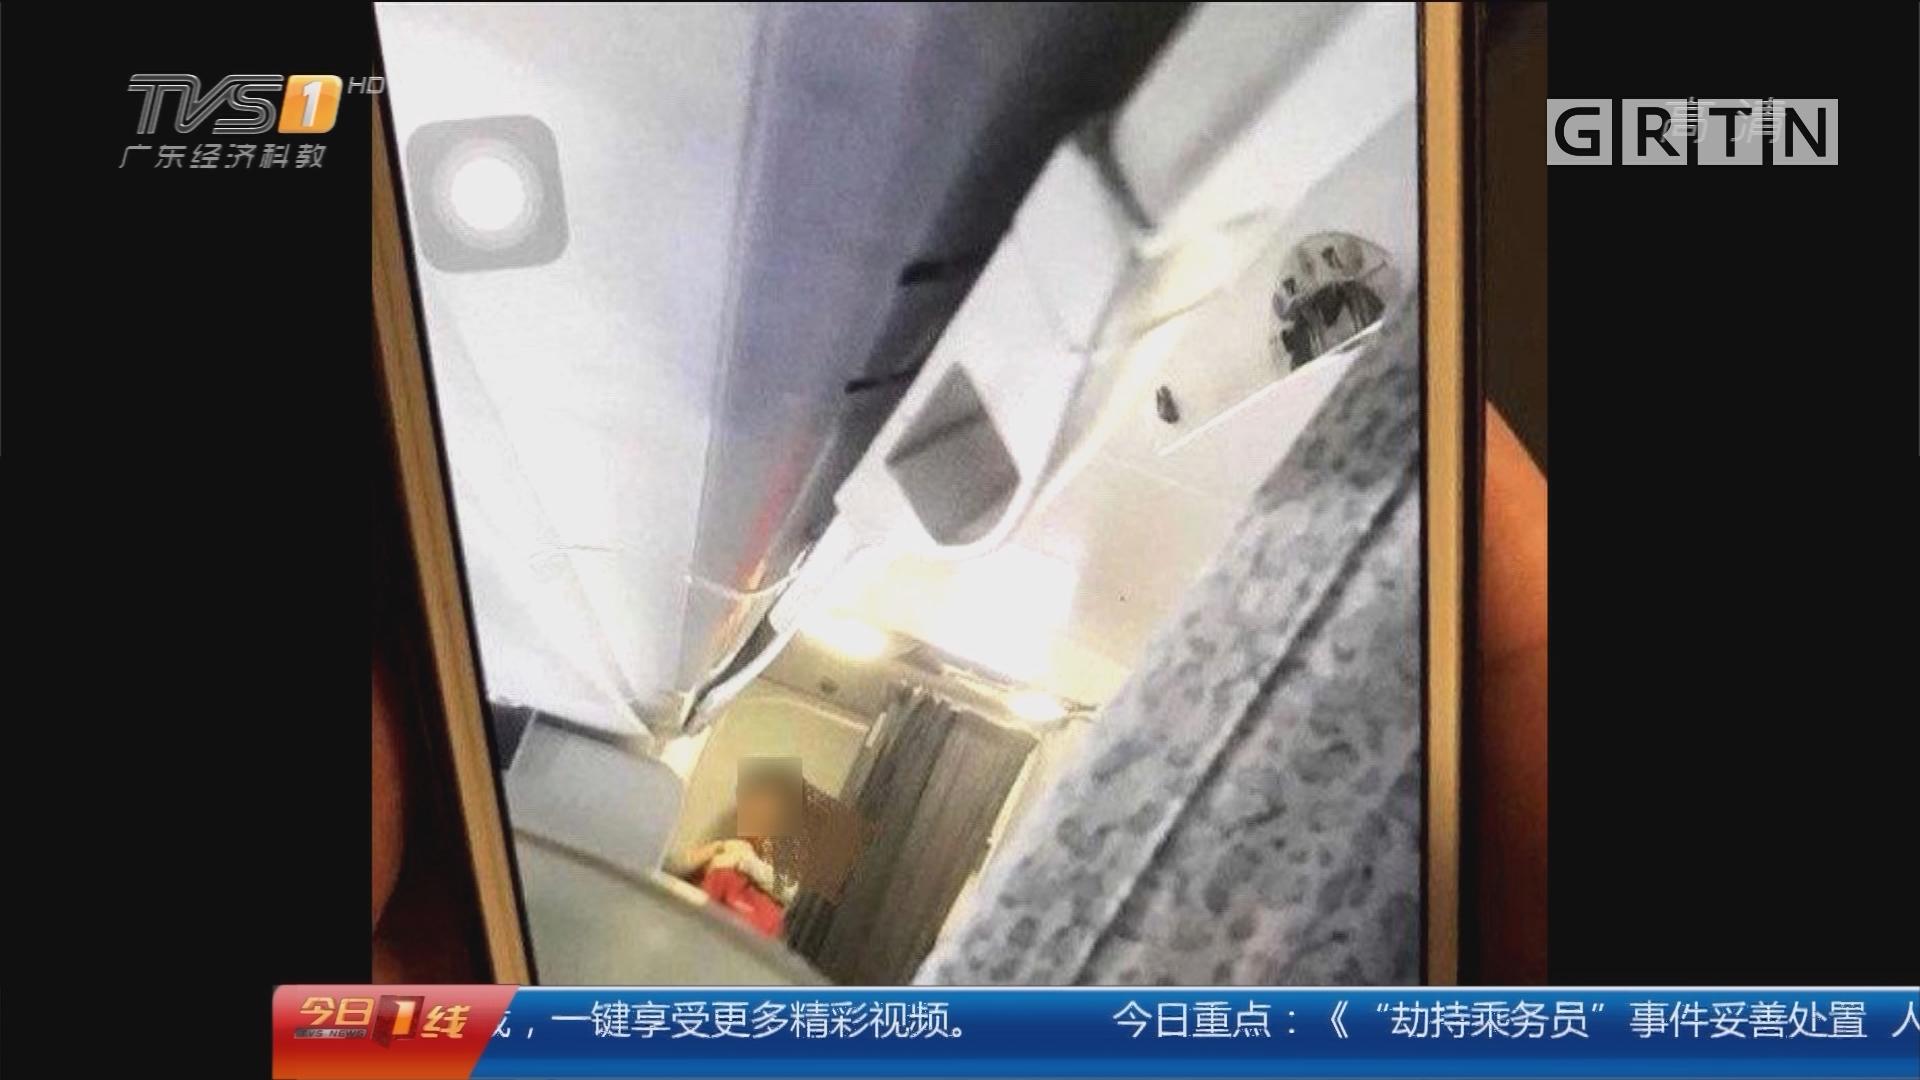 """中国民航局通报:""""劫持乘务员""""事件妥善处置 人机安全"""